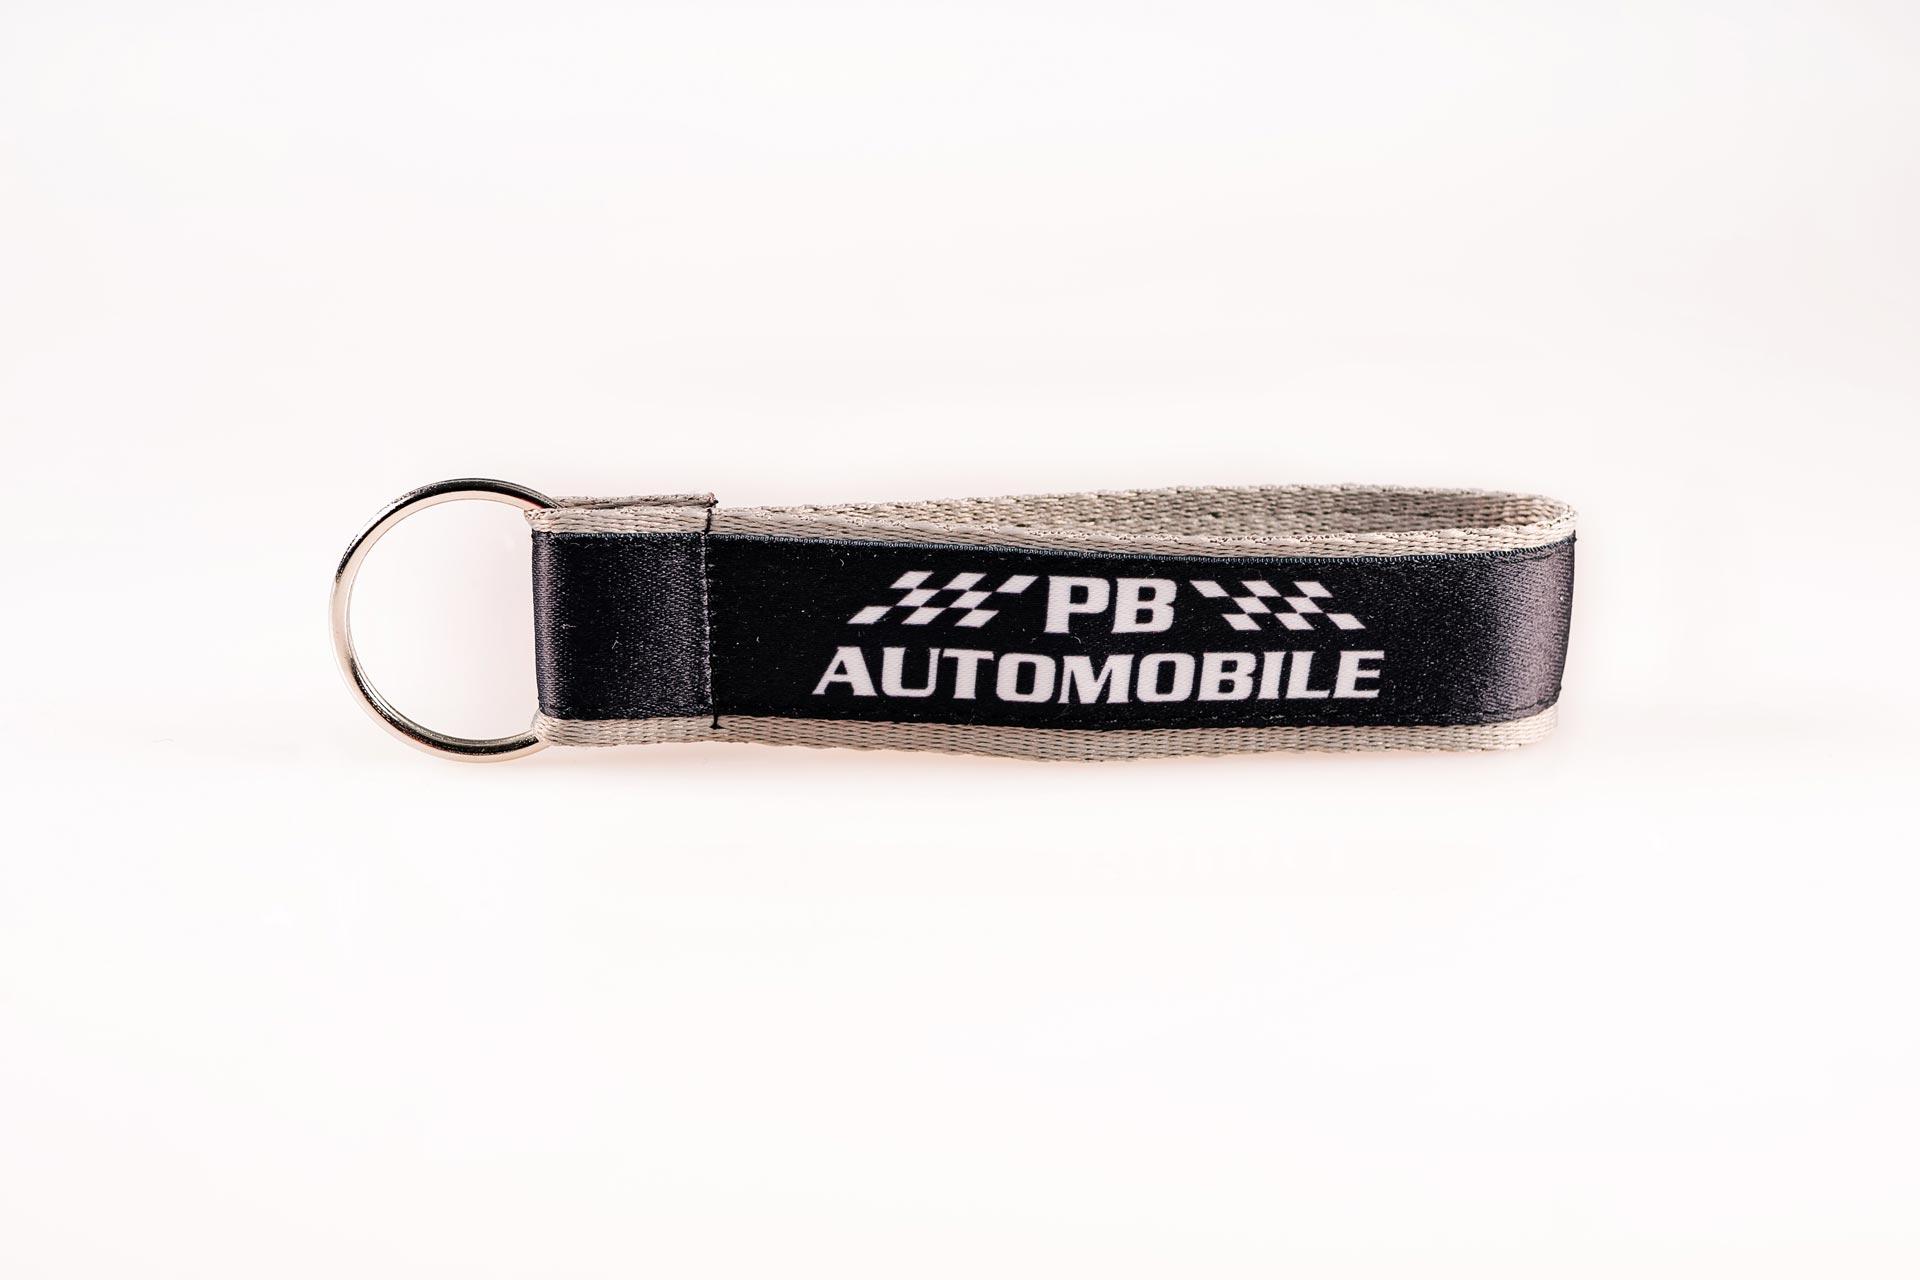 Schluesselanhaenger Bedrucken Logo Filz Alternative Shortstrap Guenstig Kaufen 25mm Doppelband Band Auf Band Satinband Schwarz Grau